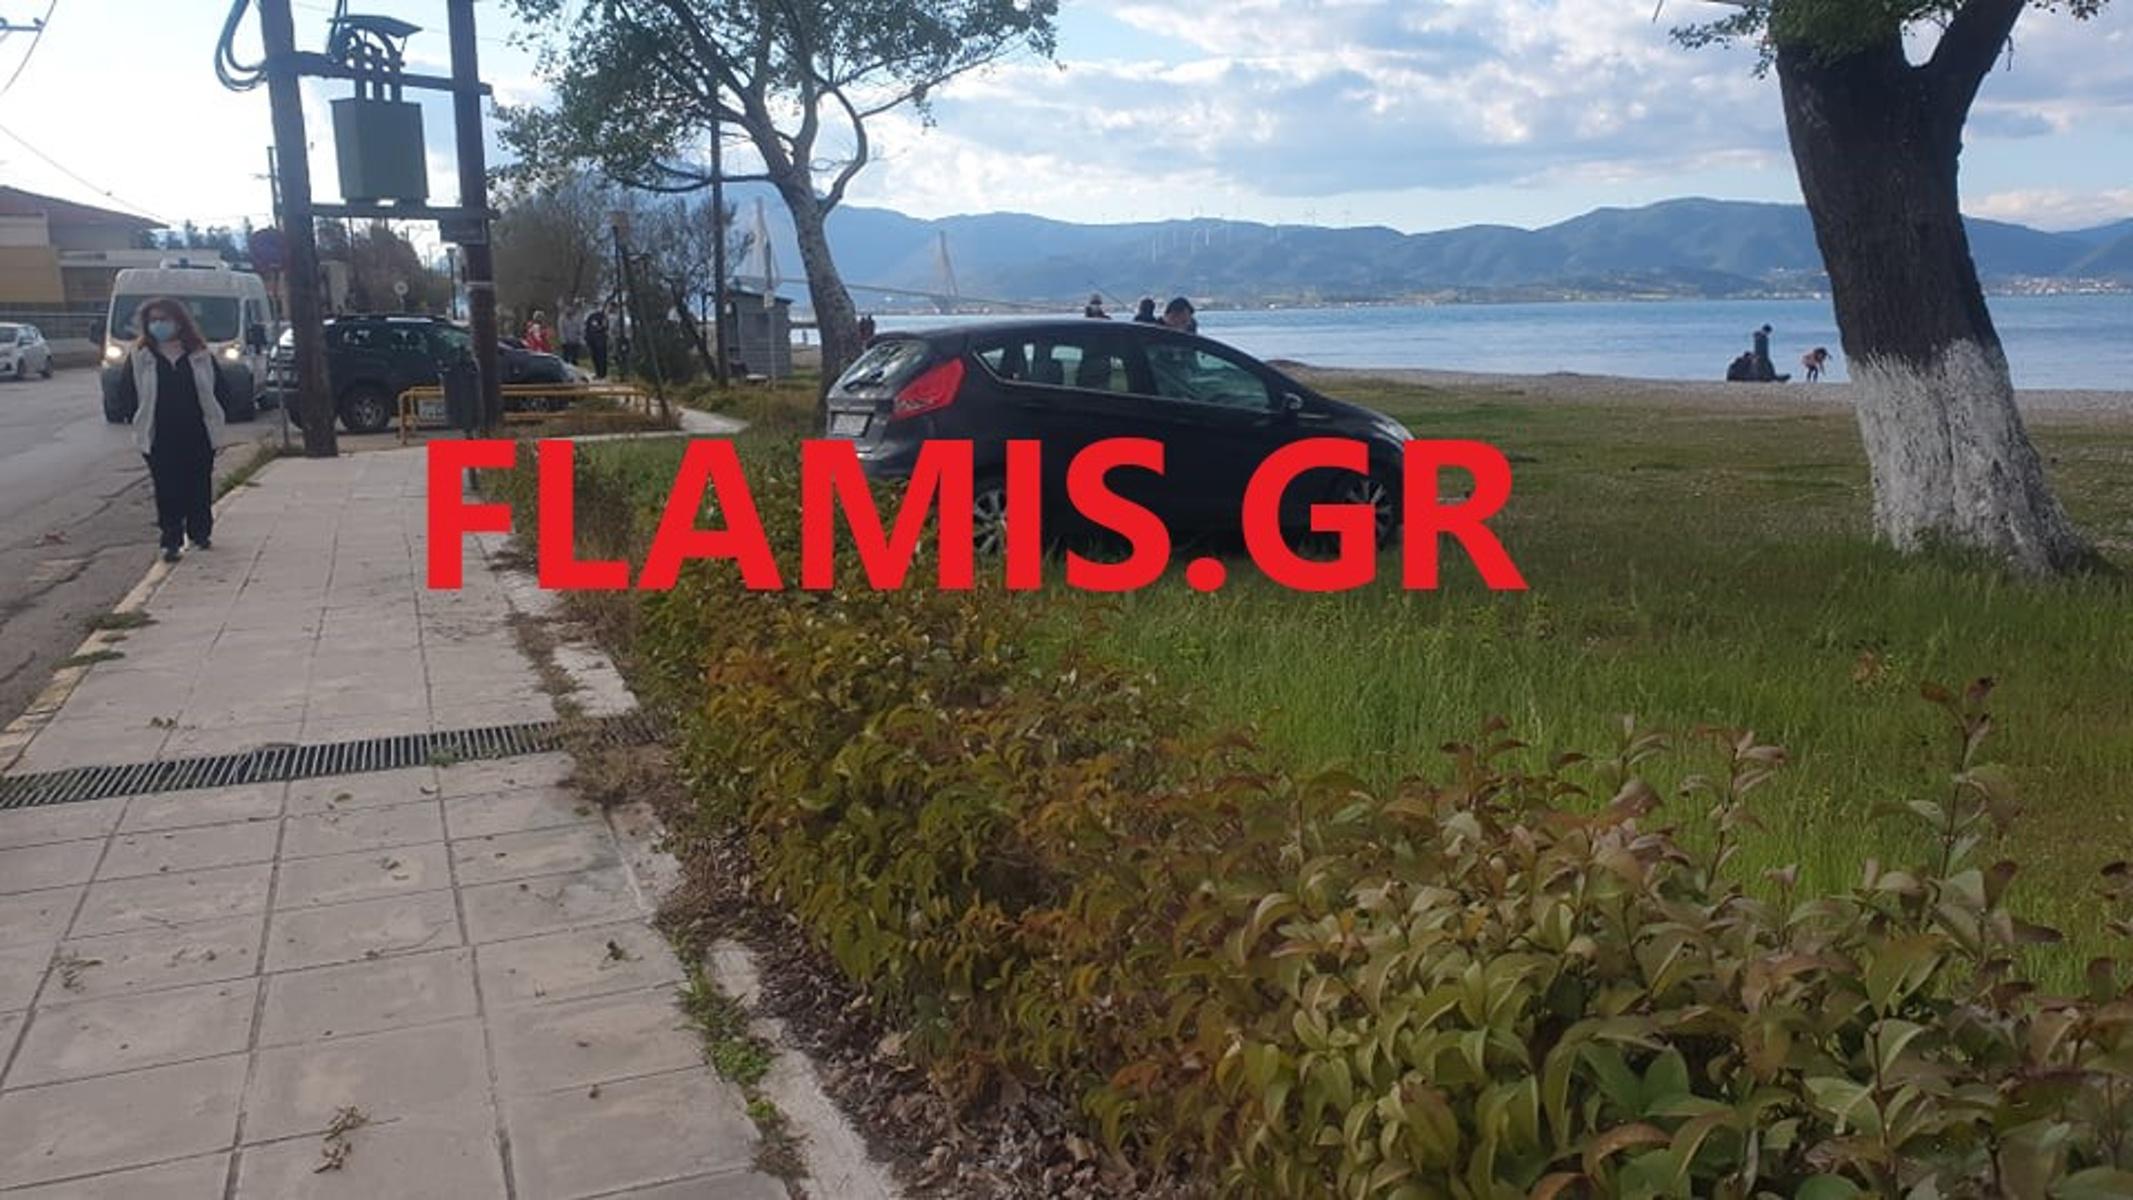 Πάτρα: Τρελή πορεία ΙΧ – Ανέβηκε σε πεζοδρόμιο παρασύροντας δύο ηλικιωμένους (pics)